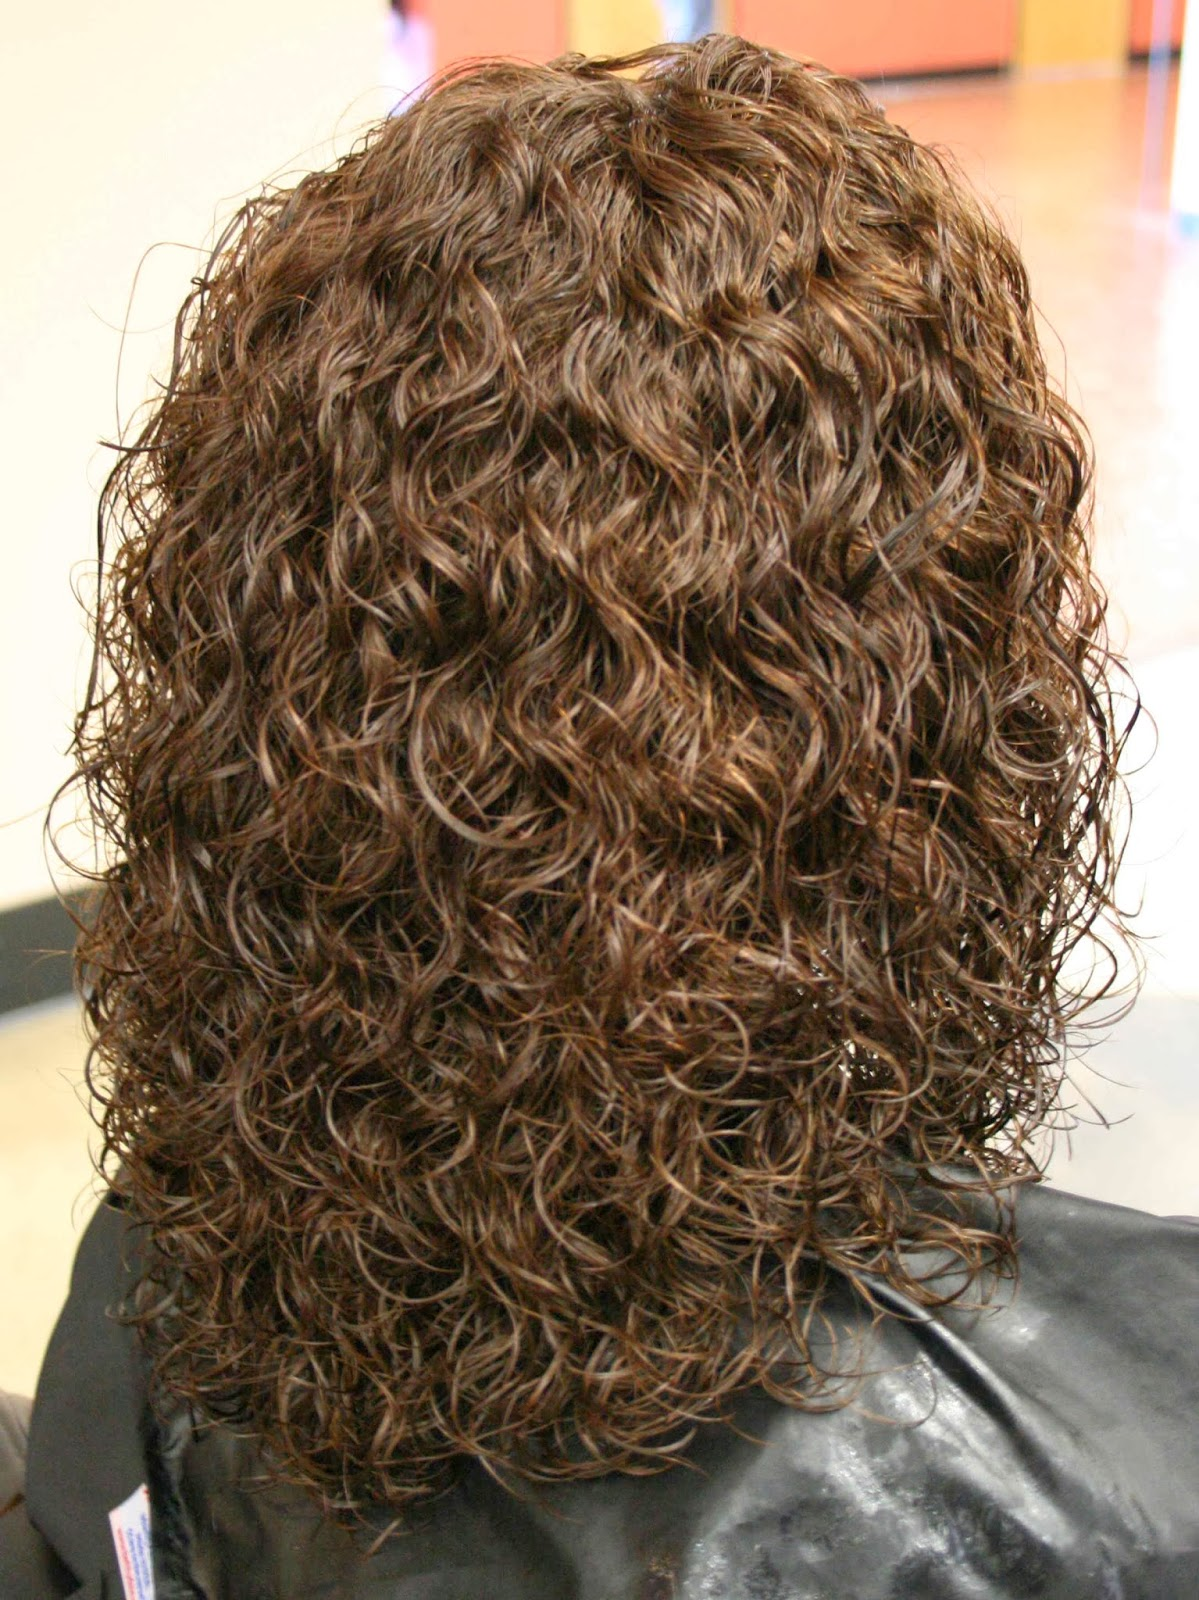 Yarı Kalıcı Saç Boyası Saçtan Nasıl Çıkar